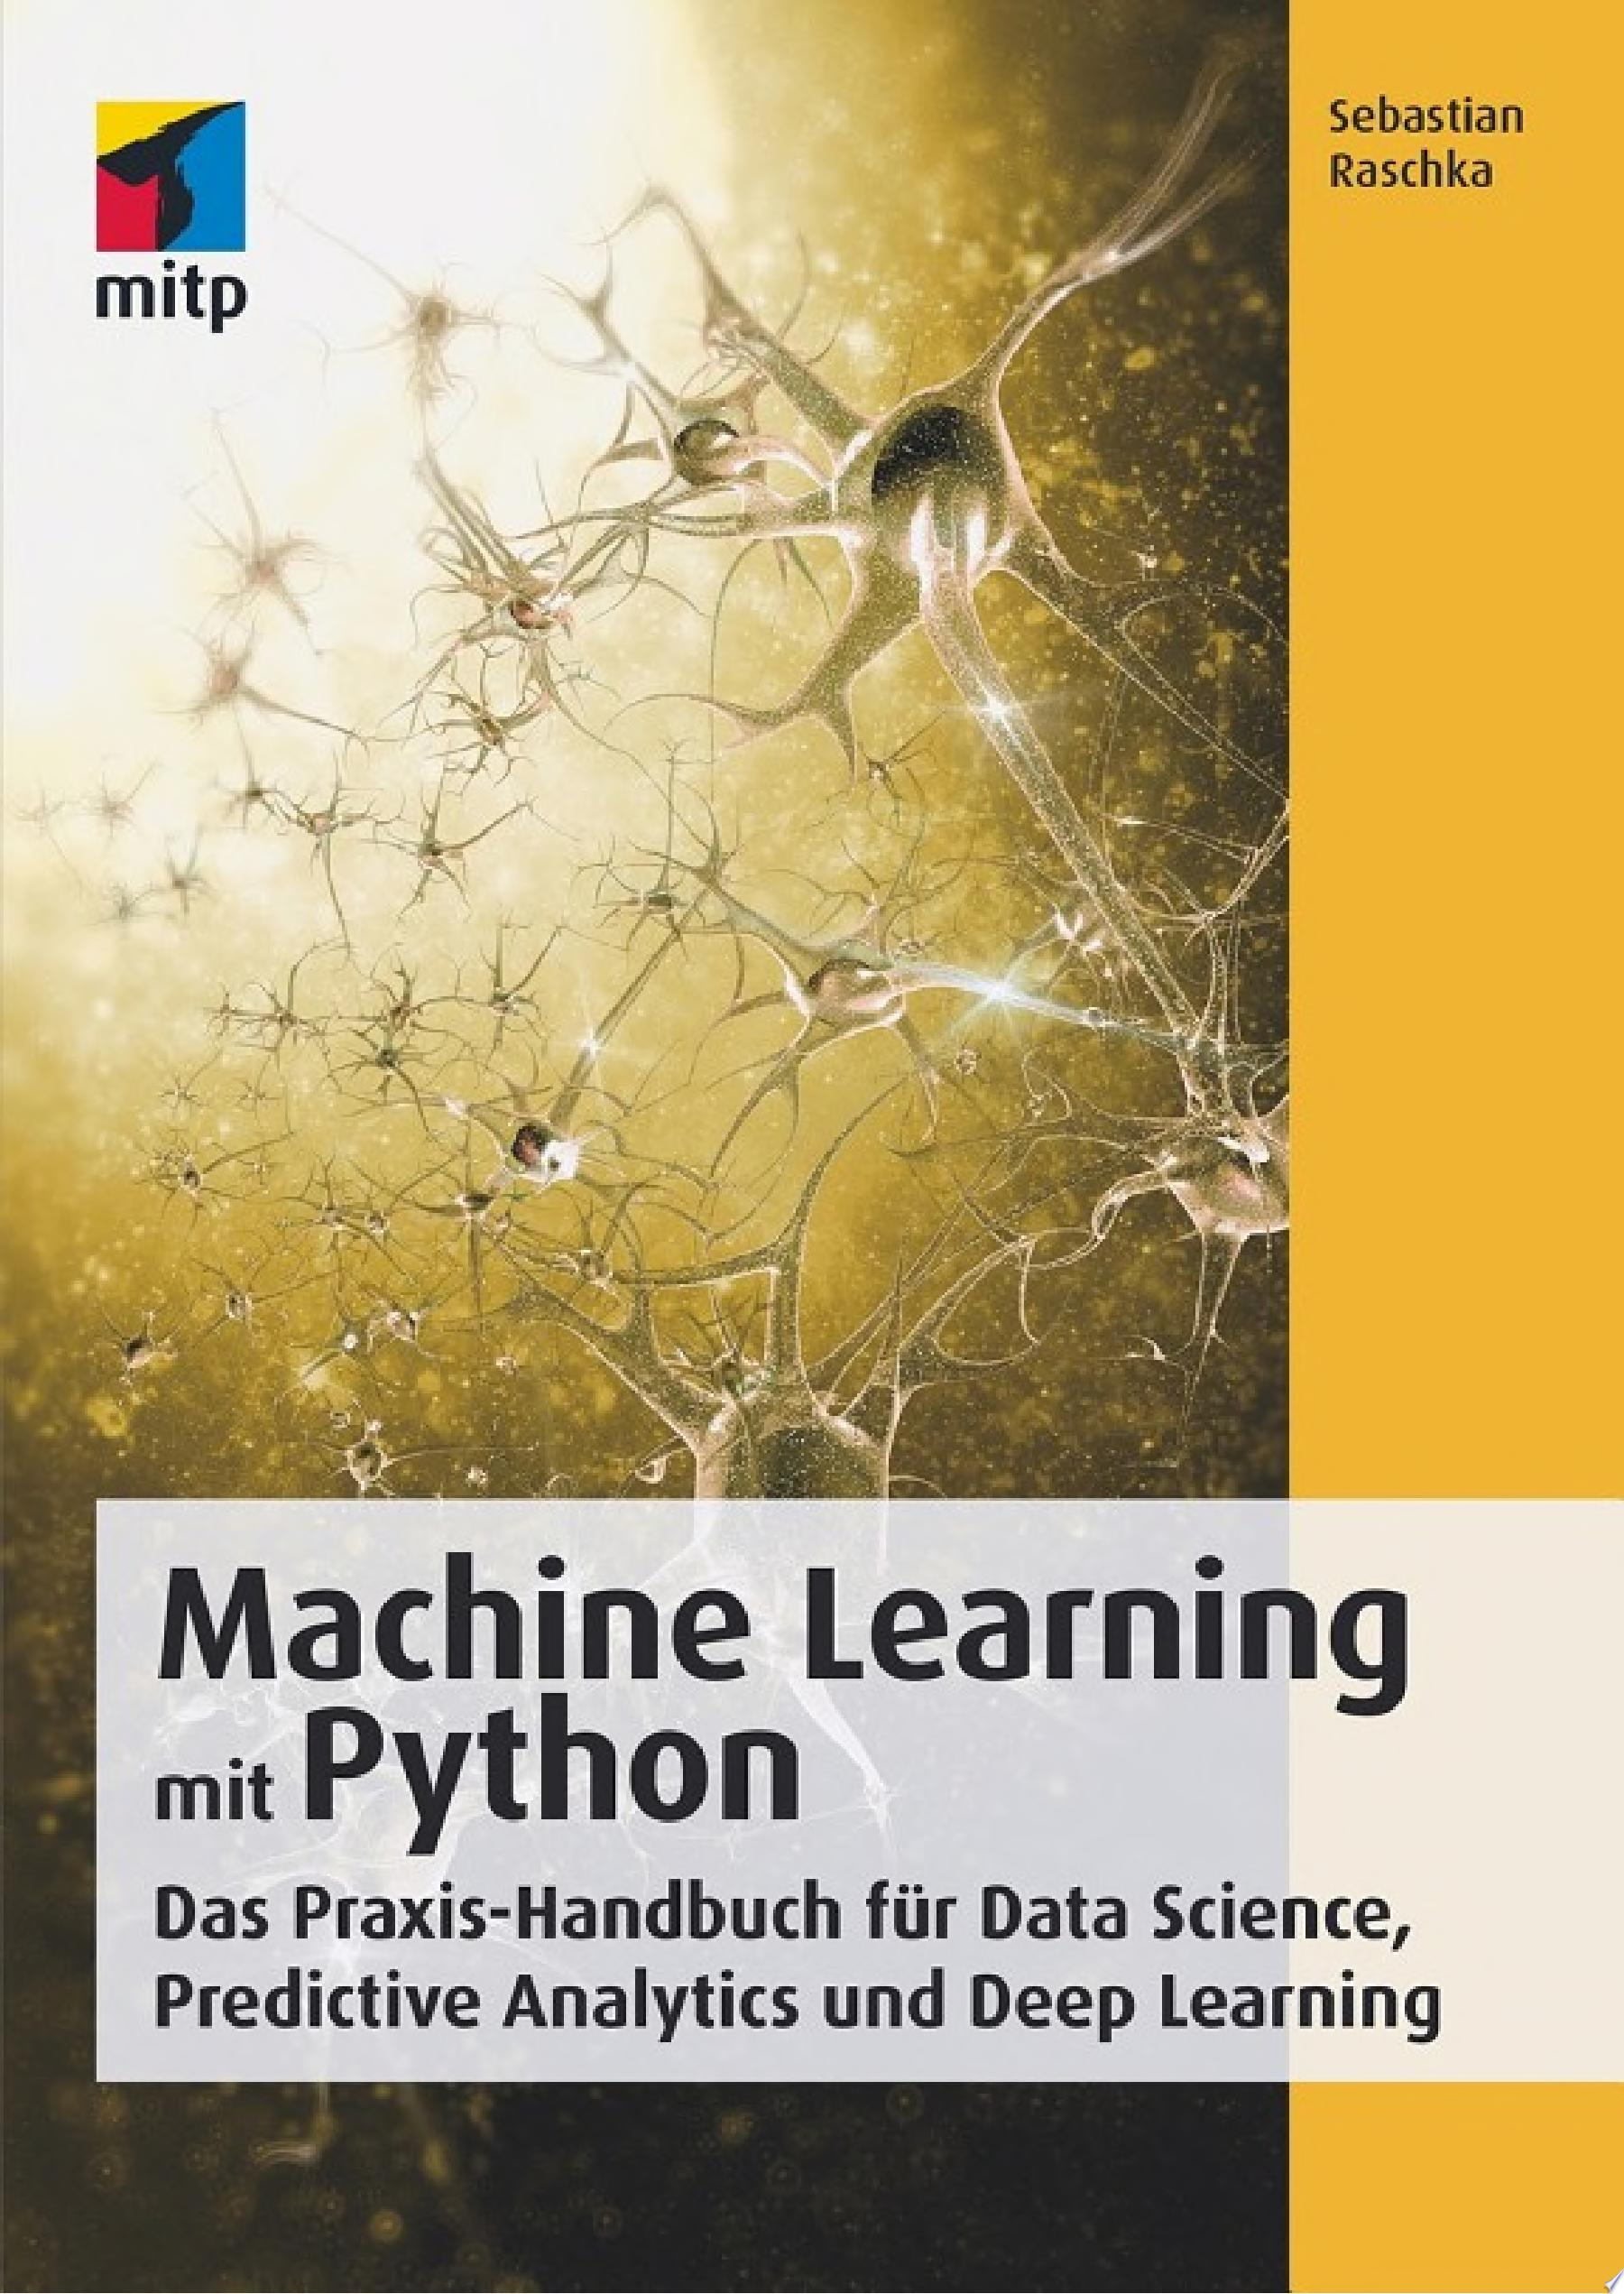 Machine Learning mit Python